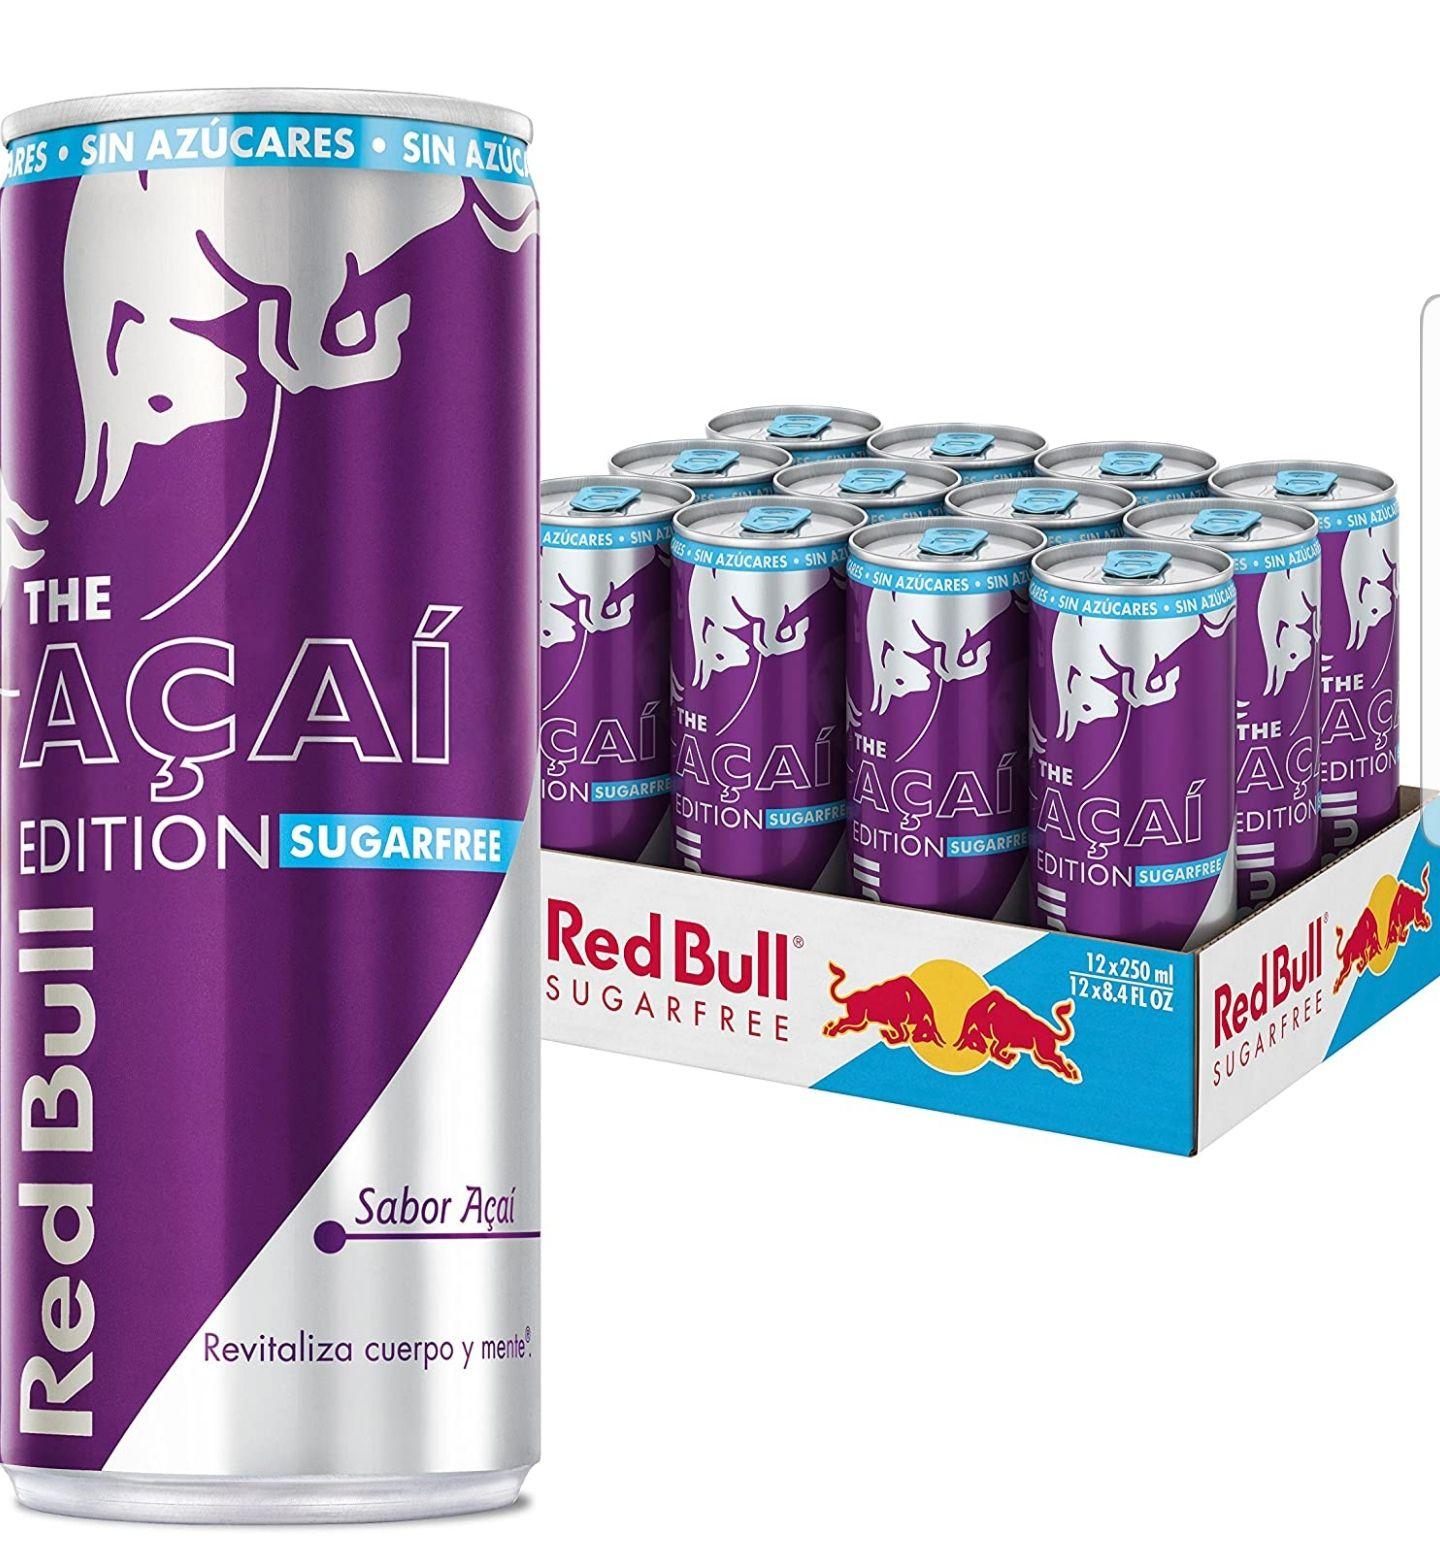 Red Bull Açai Edition Bebida Energética - Paquete de 12 x 250 ml